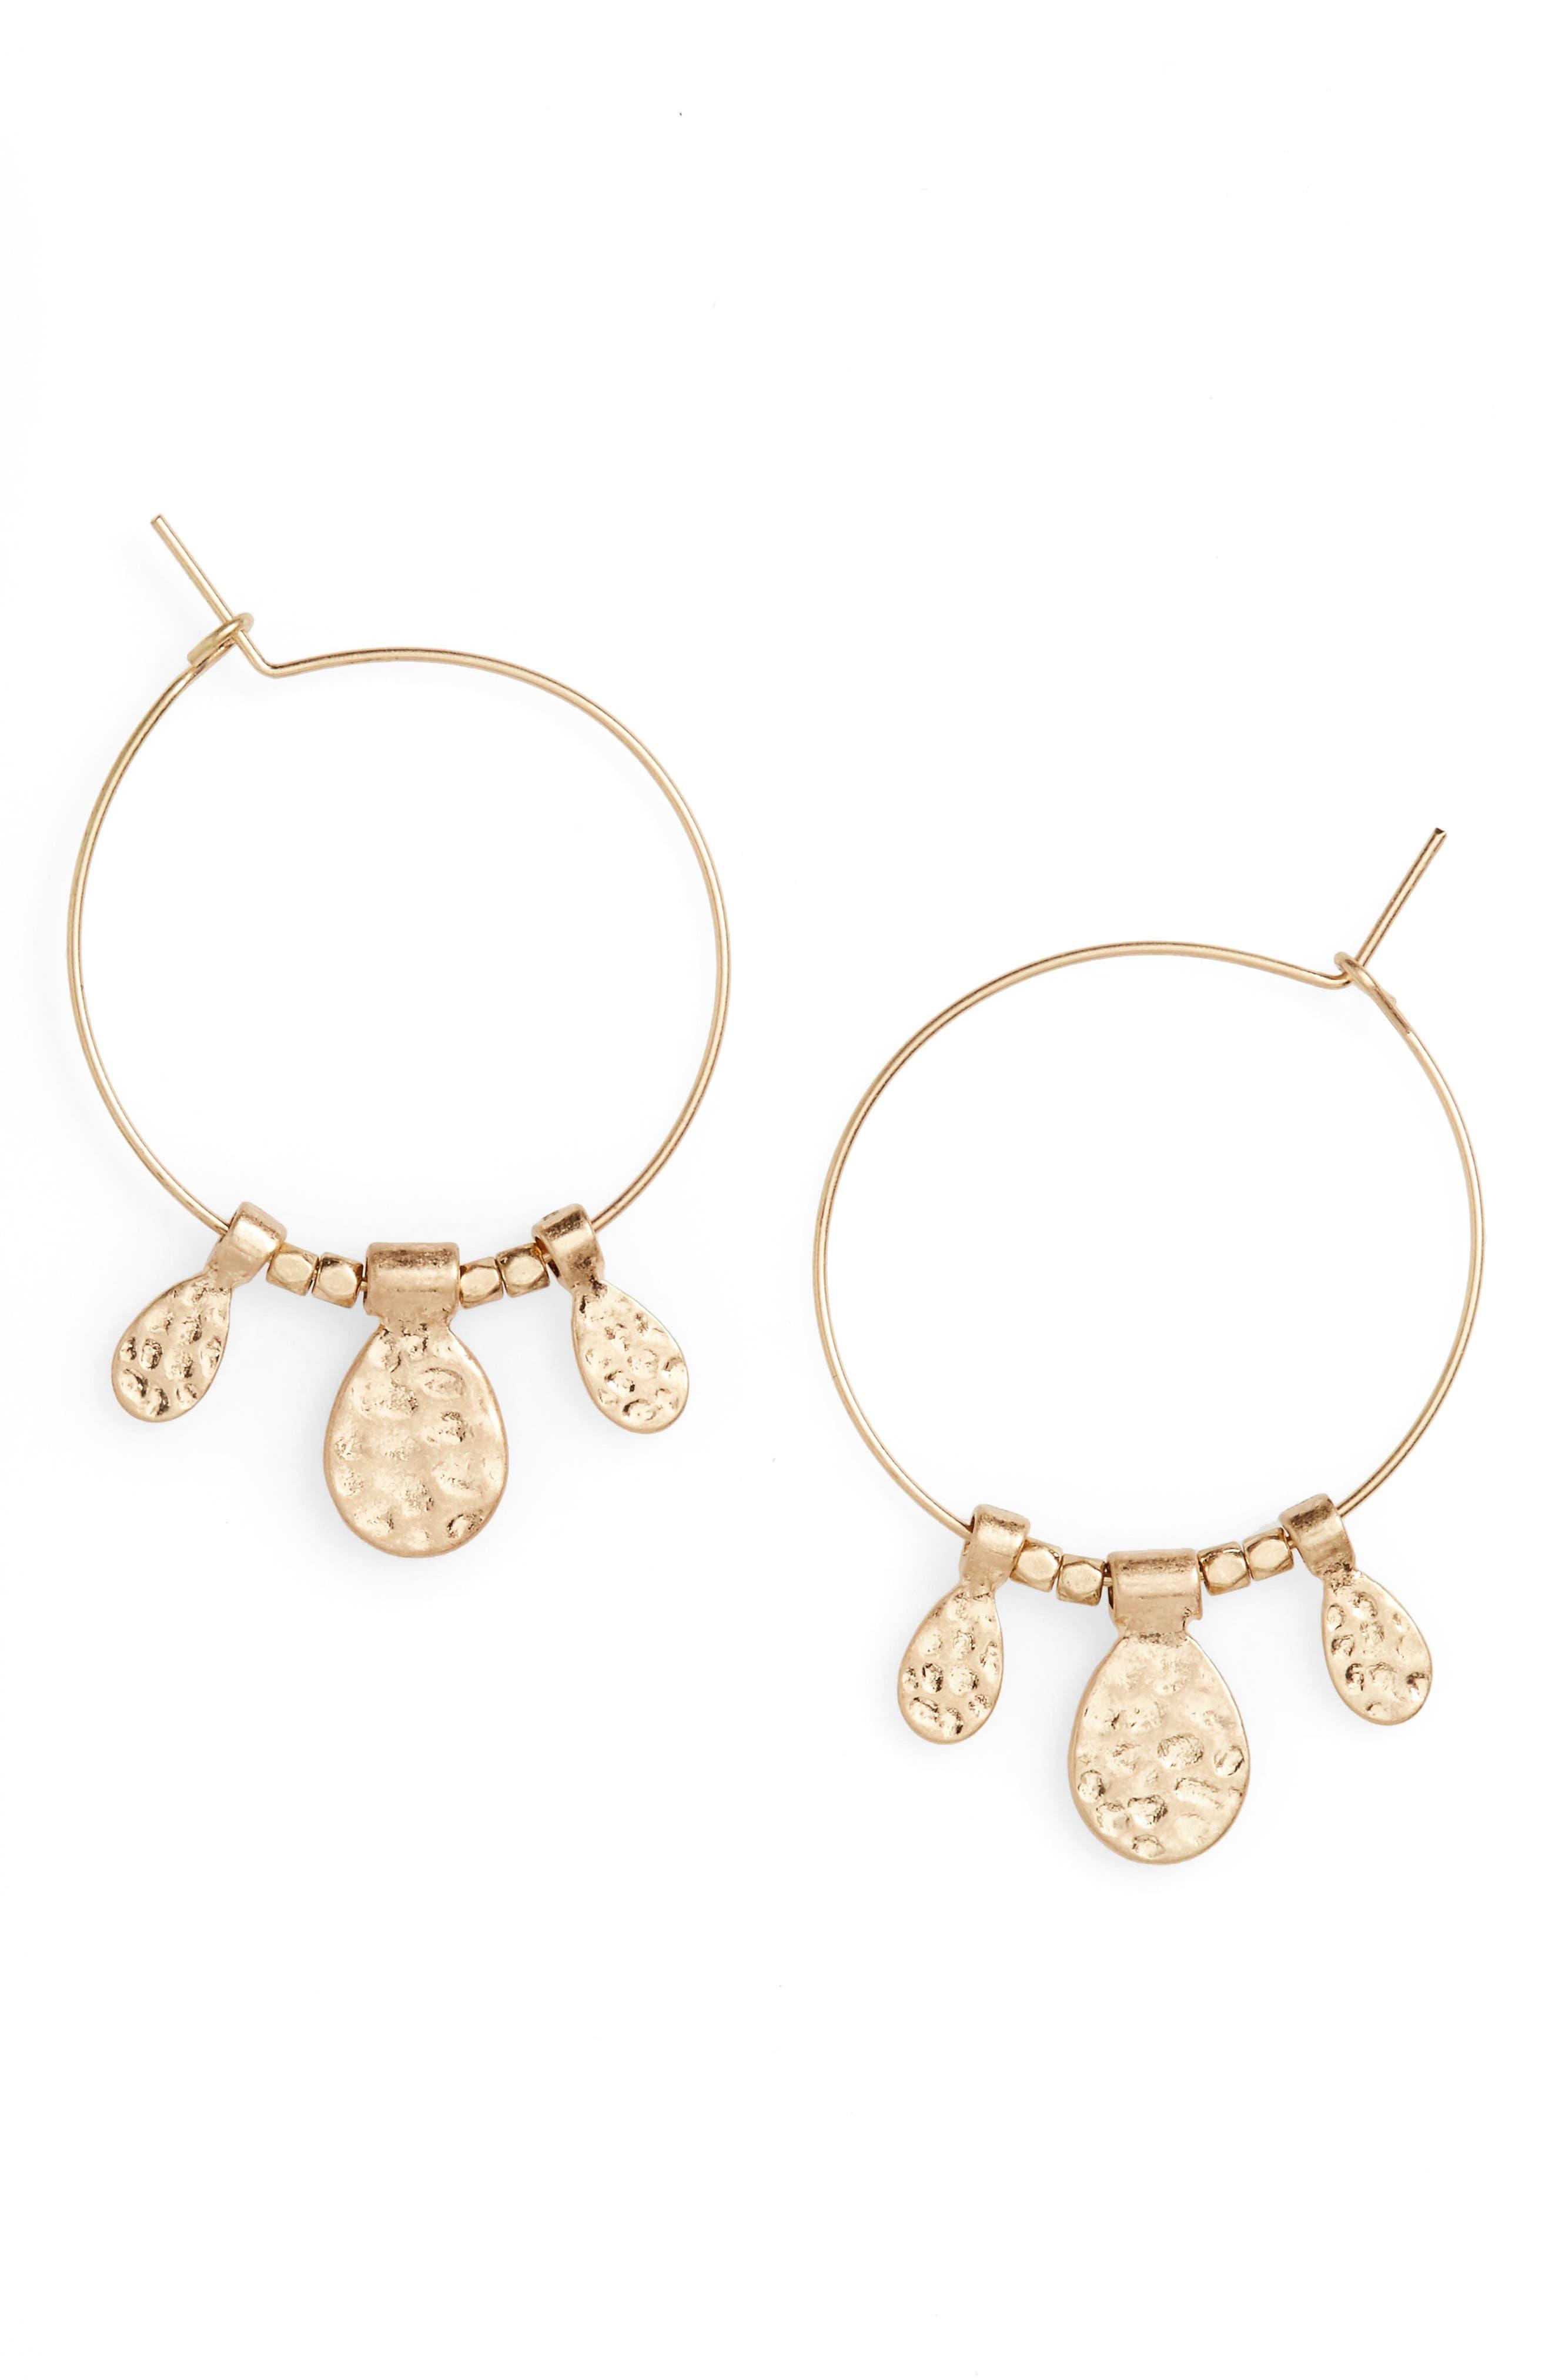 Panacea Charm Hoop Earrings